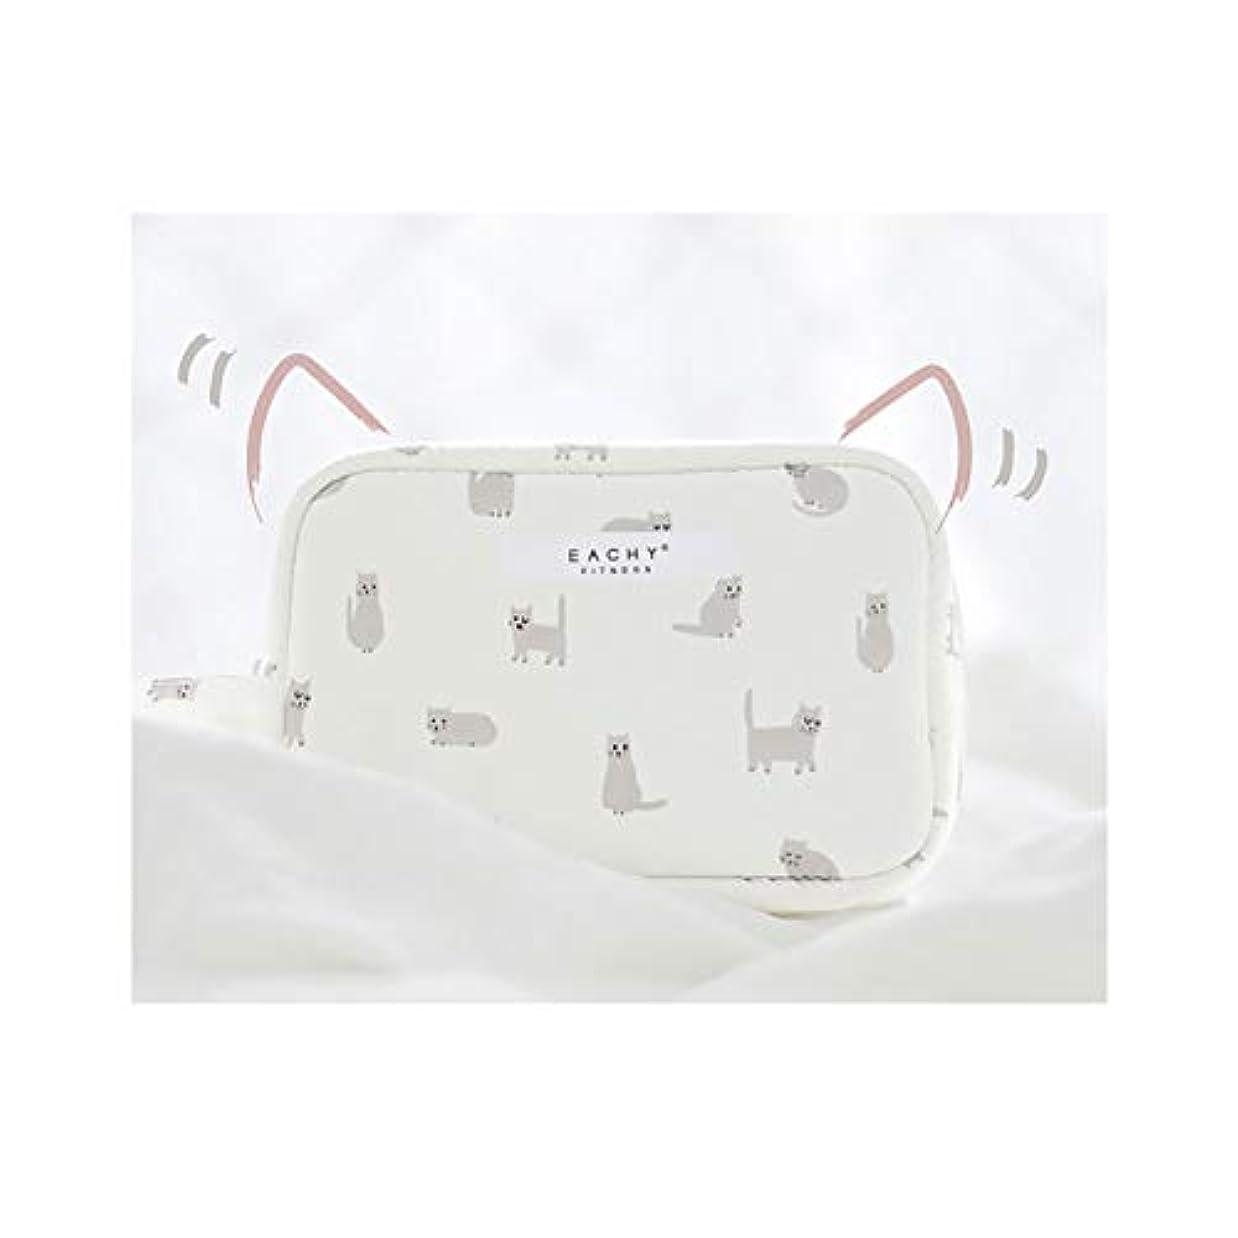 シャイニング放つより良いNEOVIVA 化粧ポーチ コスメポーチ メイク収納バッグ かわいい 軽量 防水 旅行小物ポーチ 猫 ホワイト S